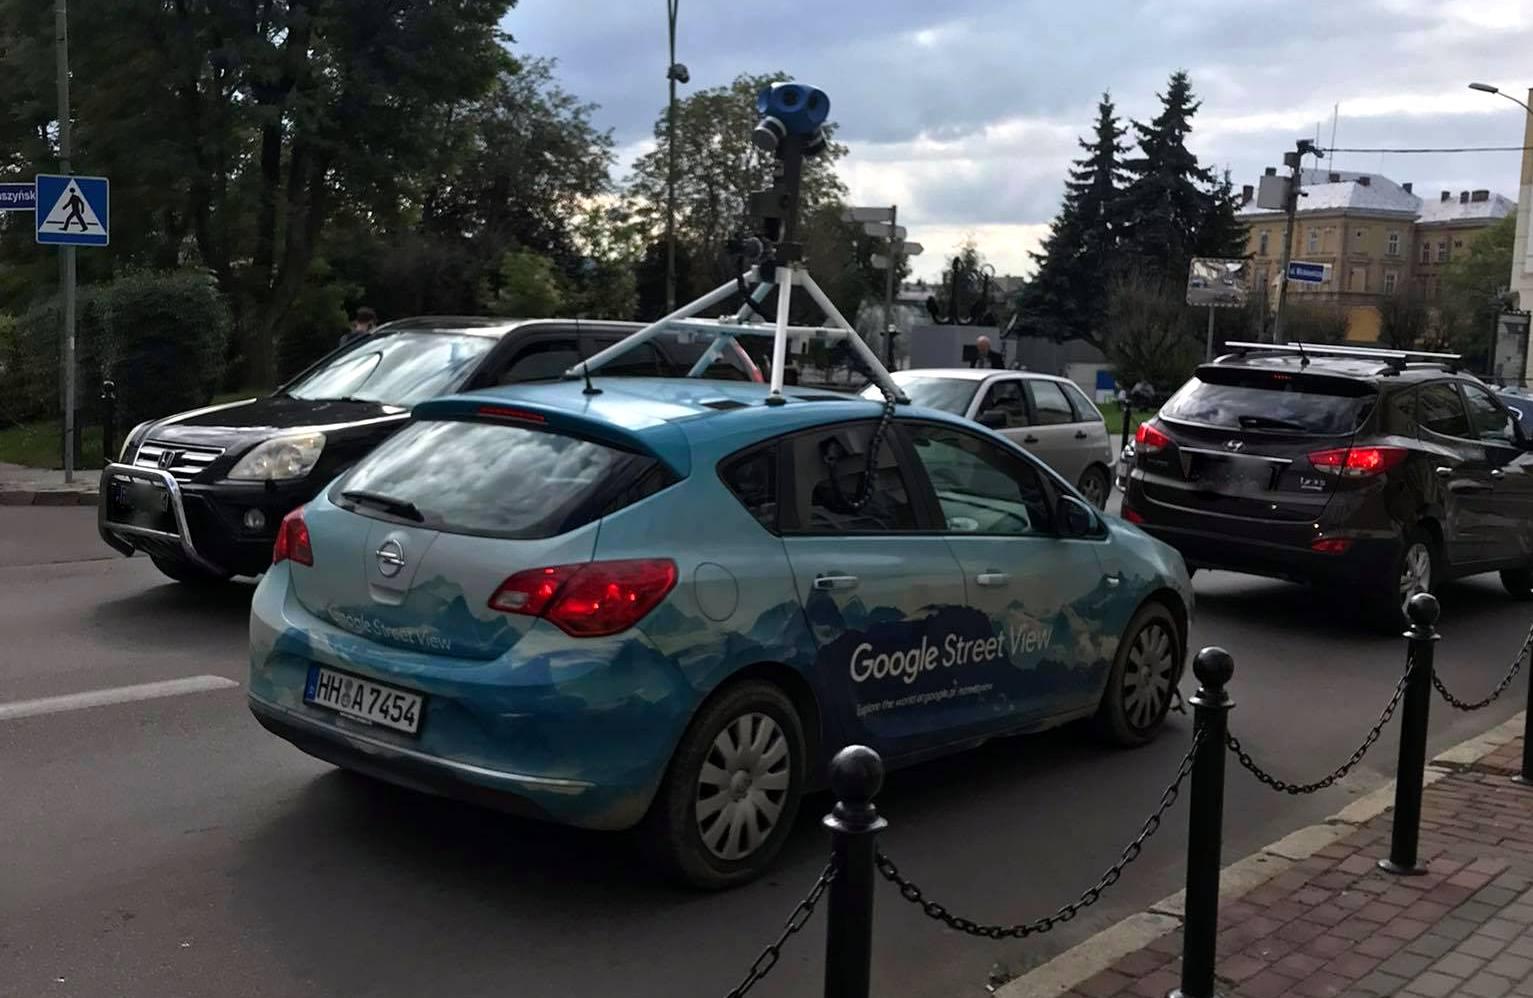 Samochód Google Street View fotografuje dzisiaj Sanok  - Zdjęcie główne